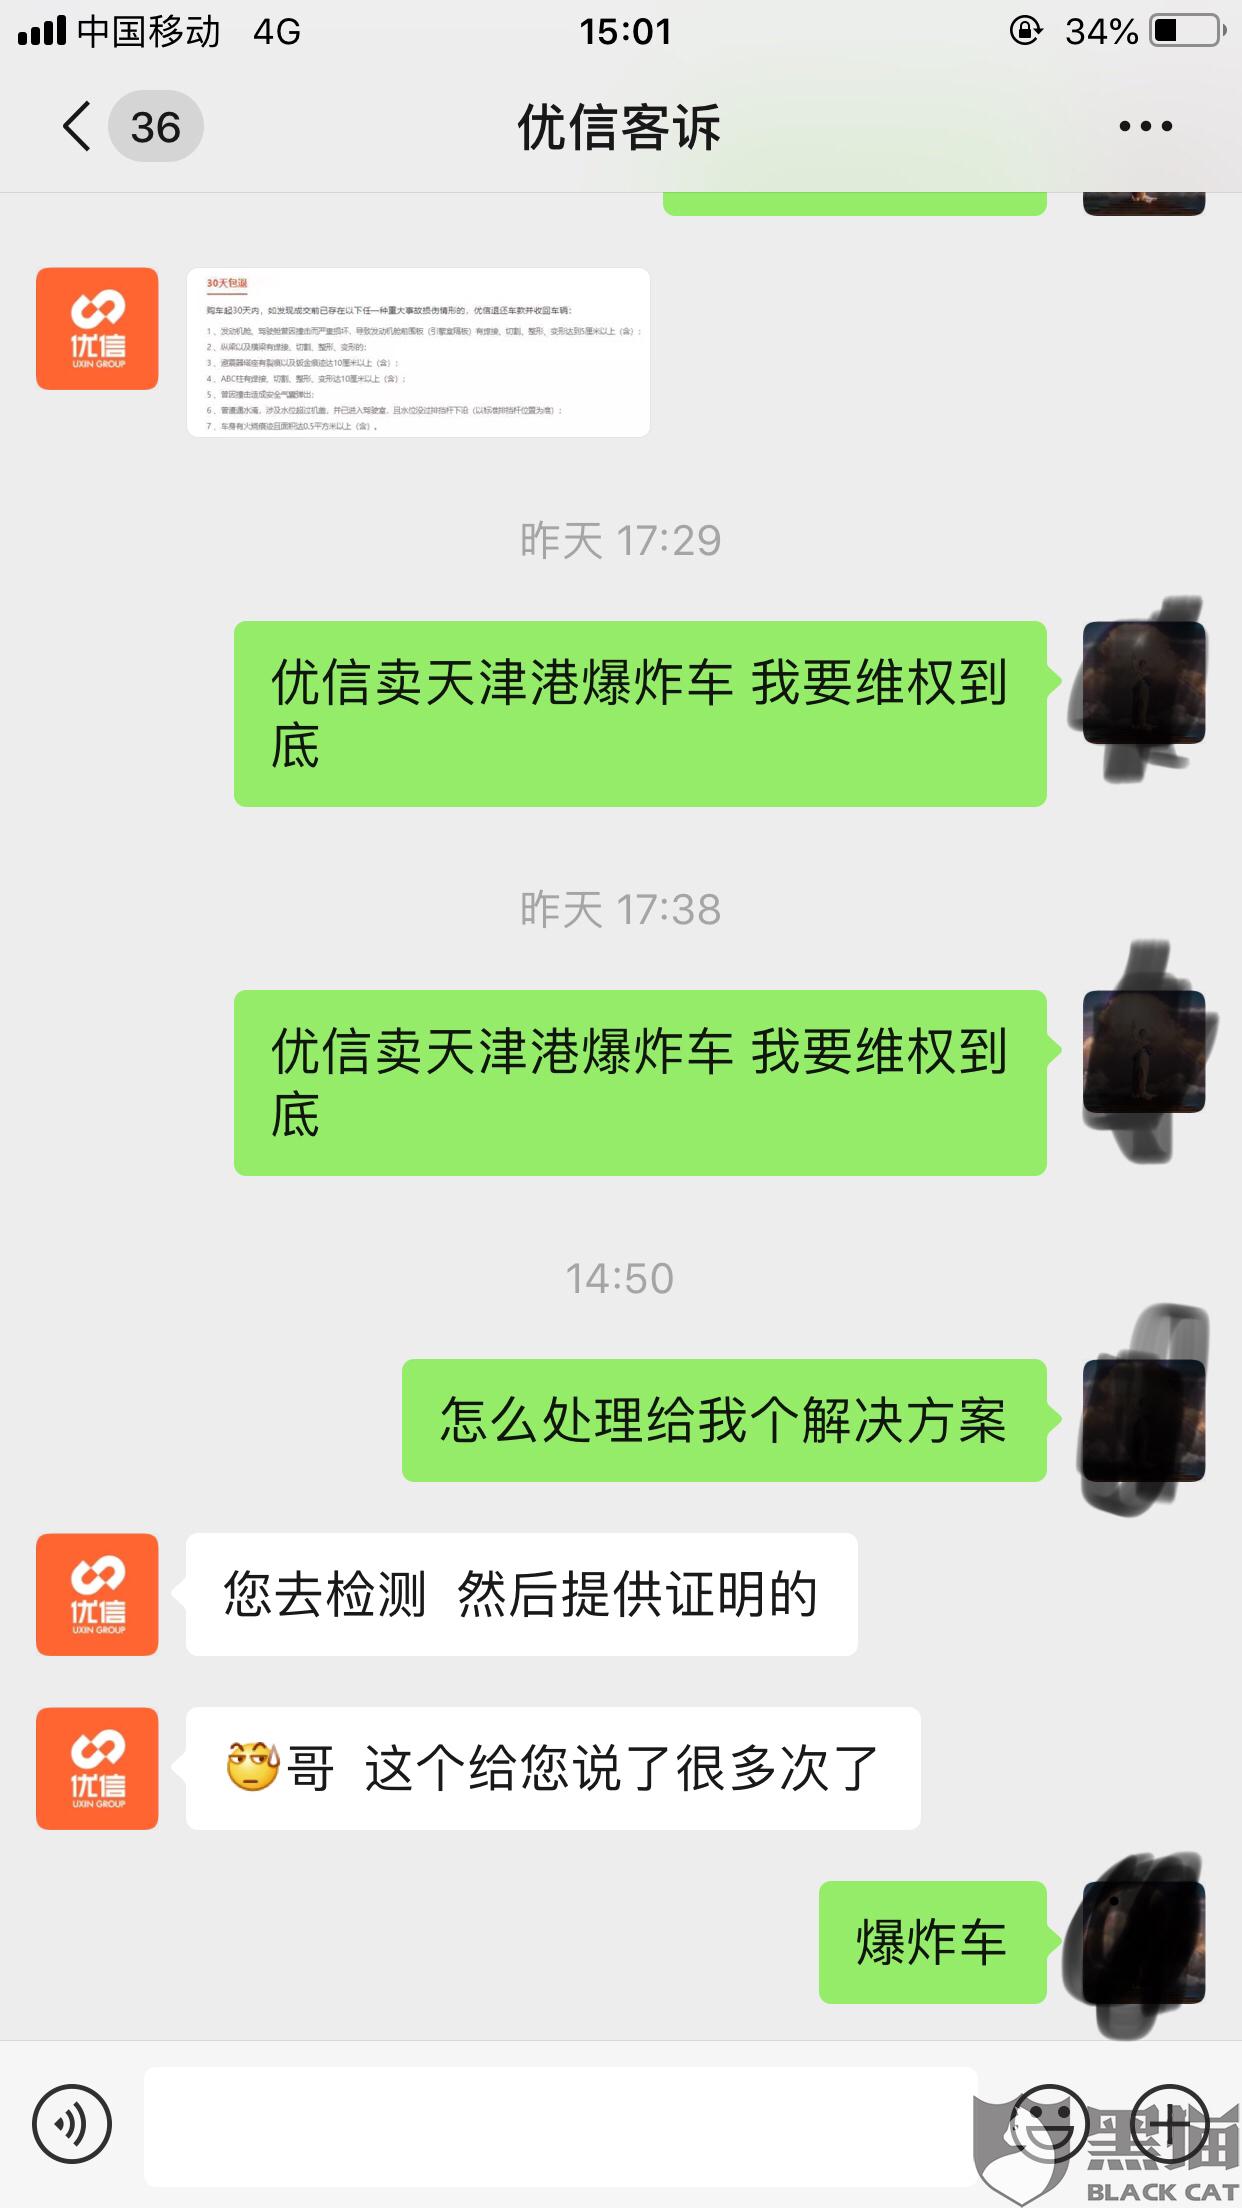 黑猫投诉:优信二手车上买到天津港爆炸车